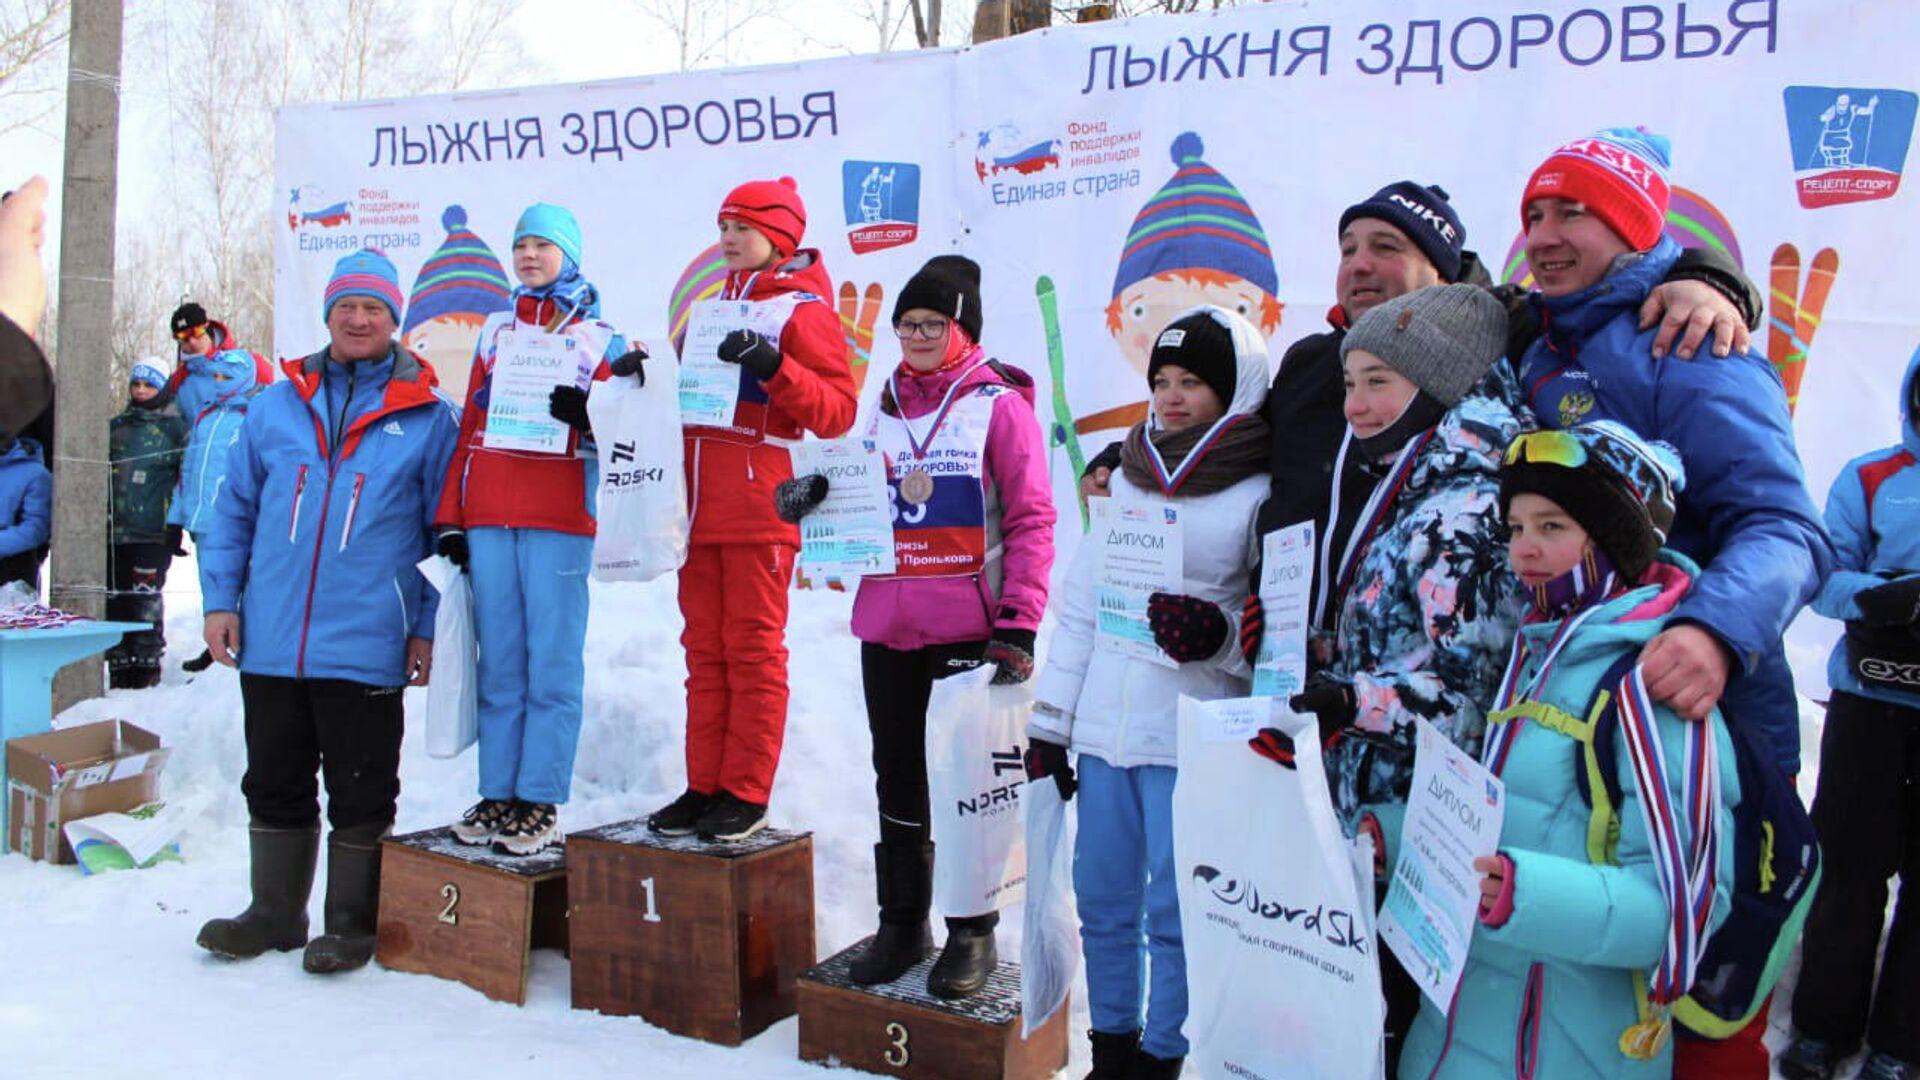 Всероссийская детская гонка Лыжня здоровья продлится до 14 апреля - РИА Новости, 1920, 16.02.2021